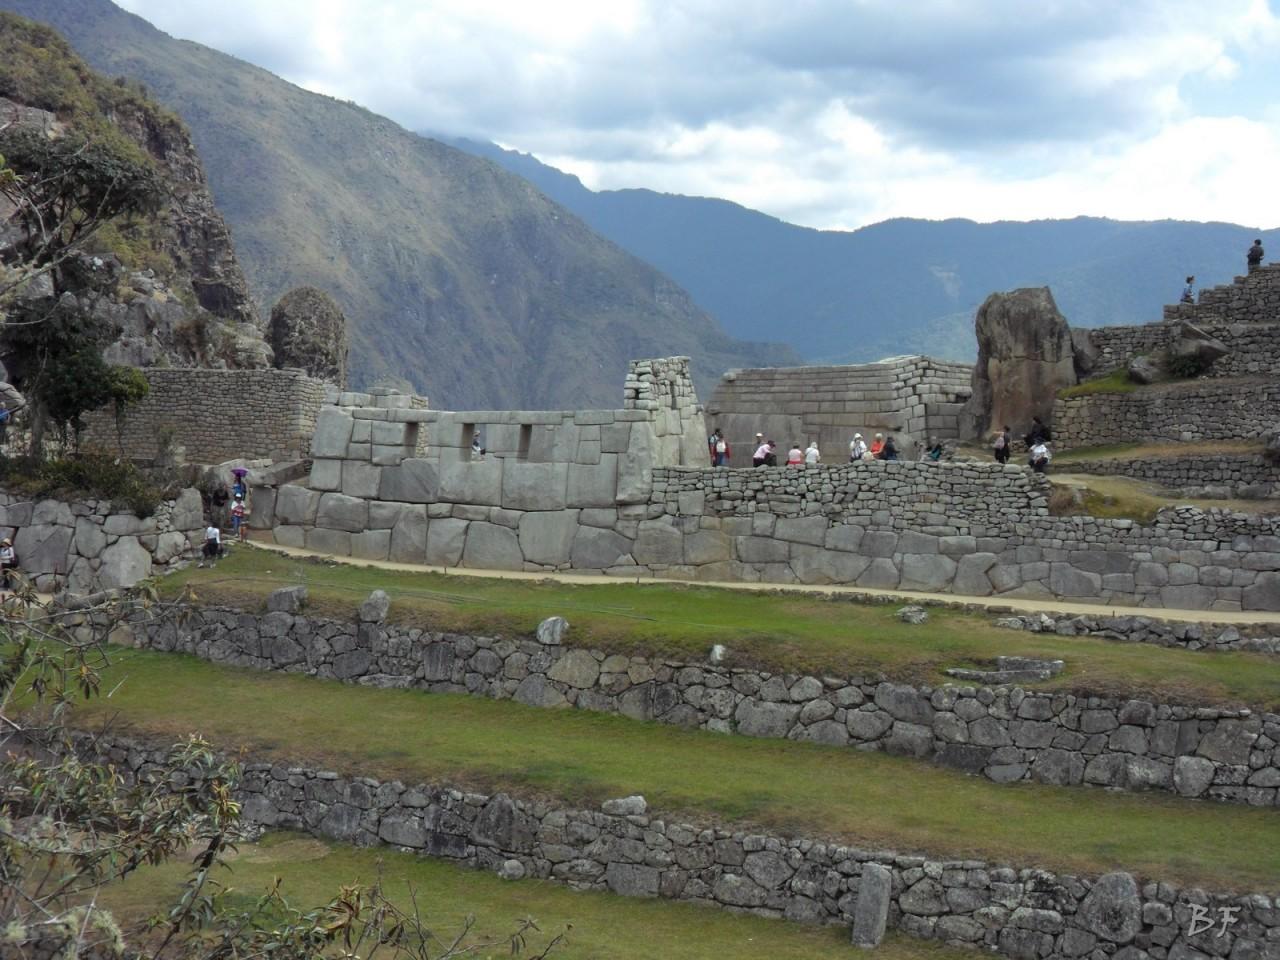 Mura-Poligonali-Incisioni-Altari-Edifici-Rupestri-Megaliti-Machu-Picchu-Aguas-Calientes-Urubamba-Cusco-Perù-141